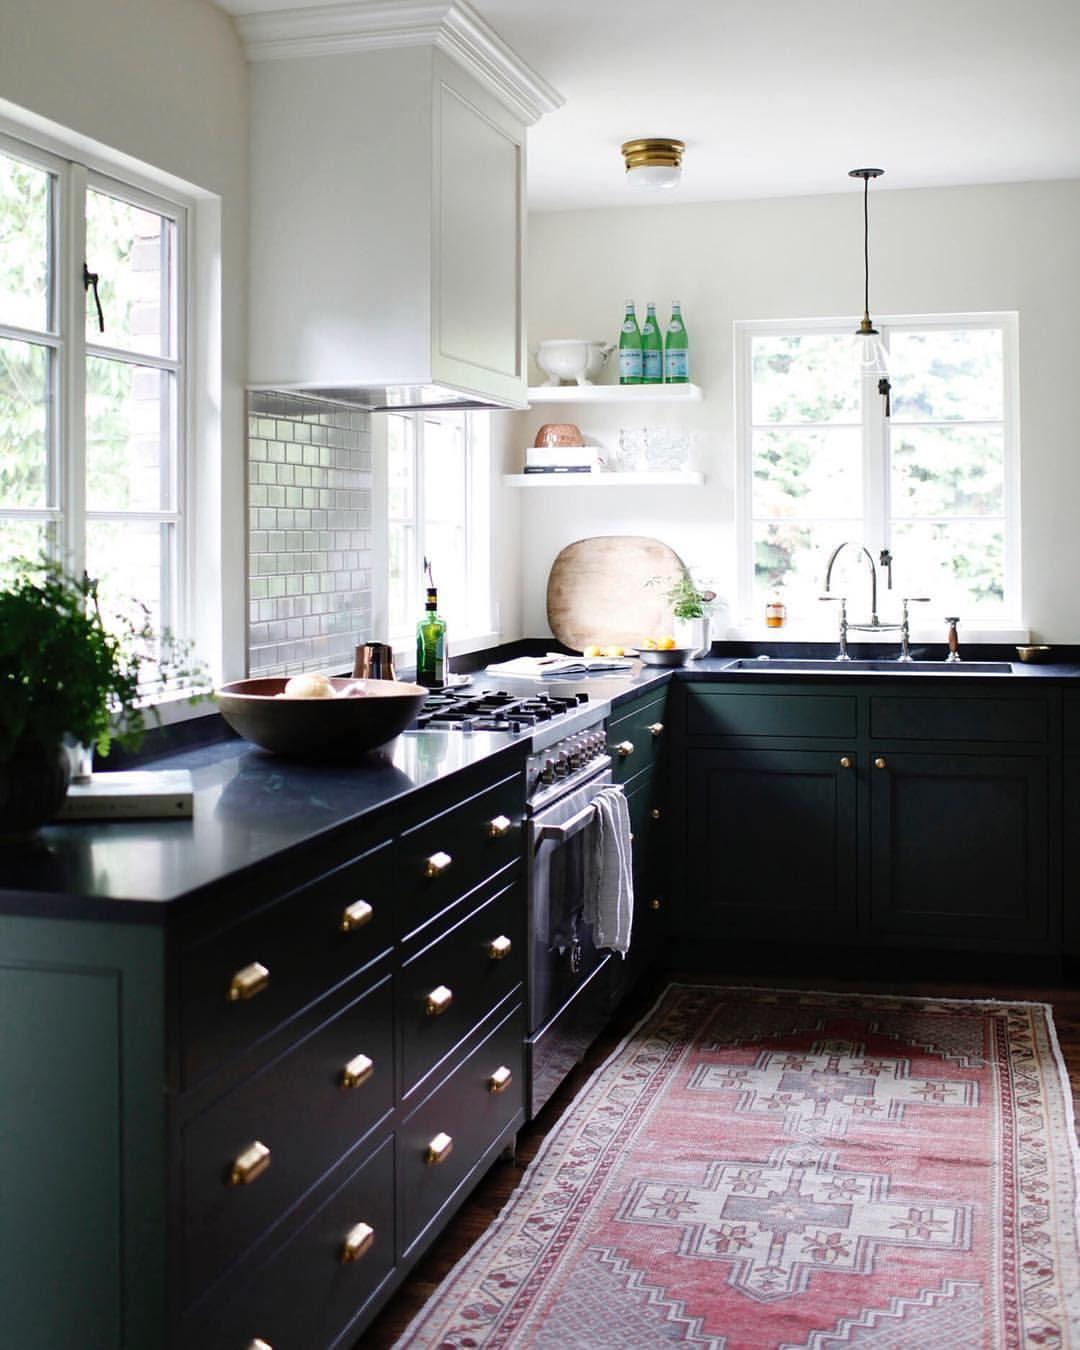 Tuxedo Kitchen Kitchen Renovation Cost Kitchen Renovation Kitchen Design